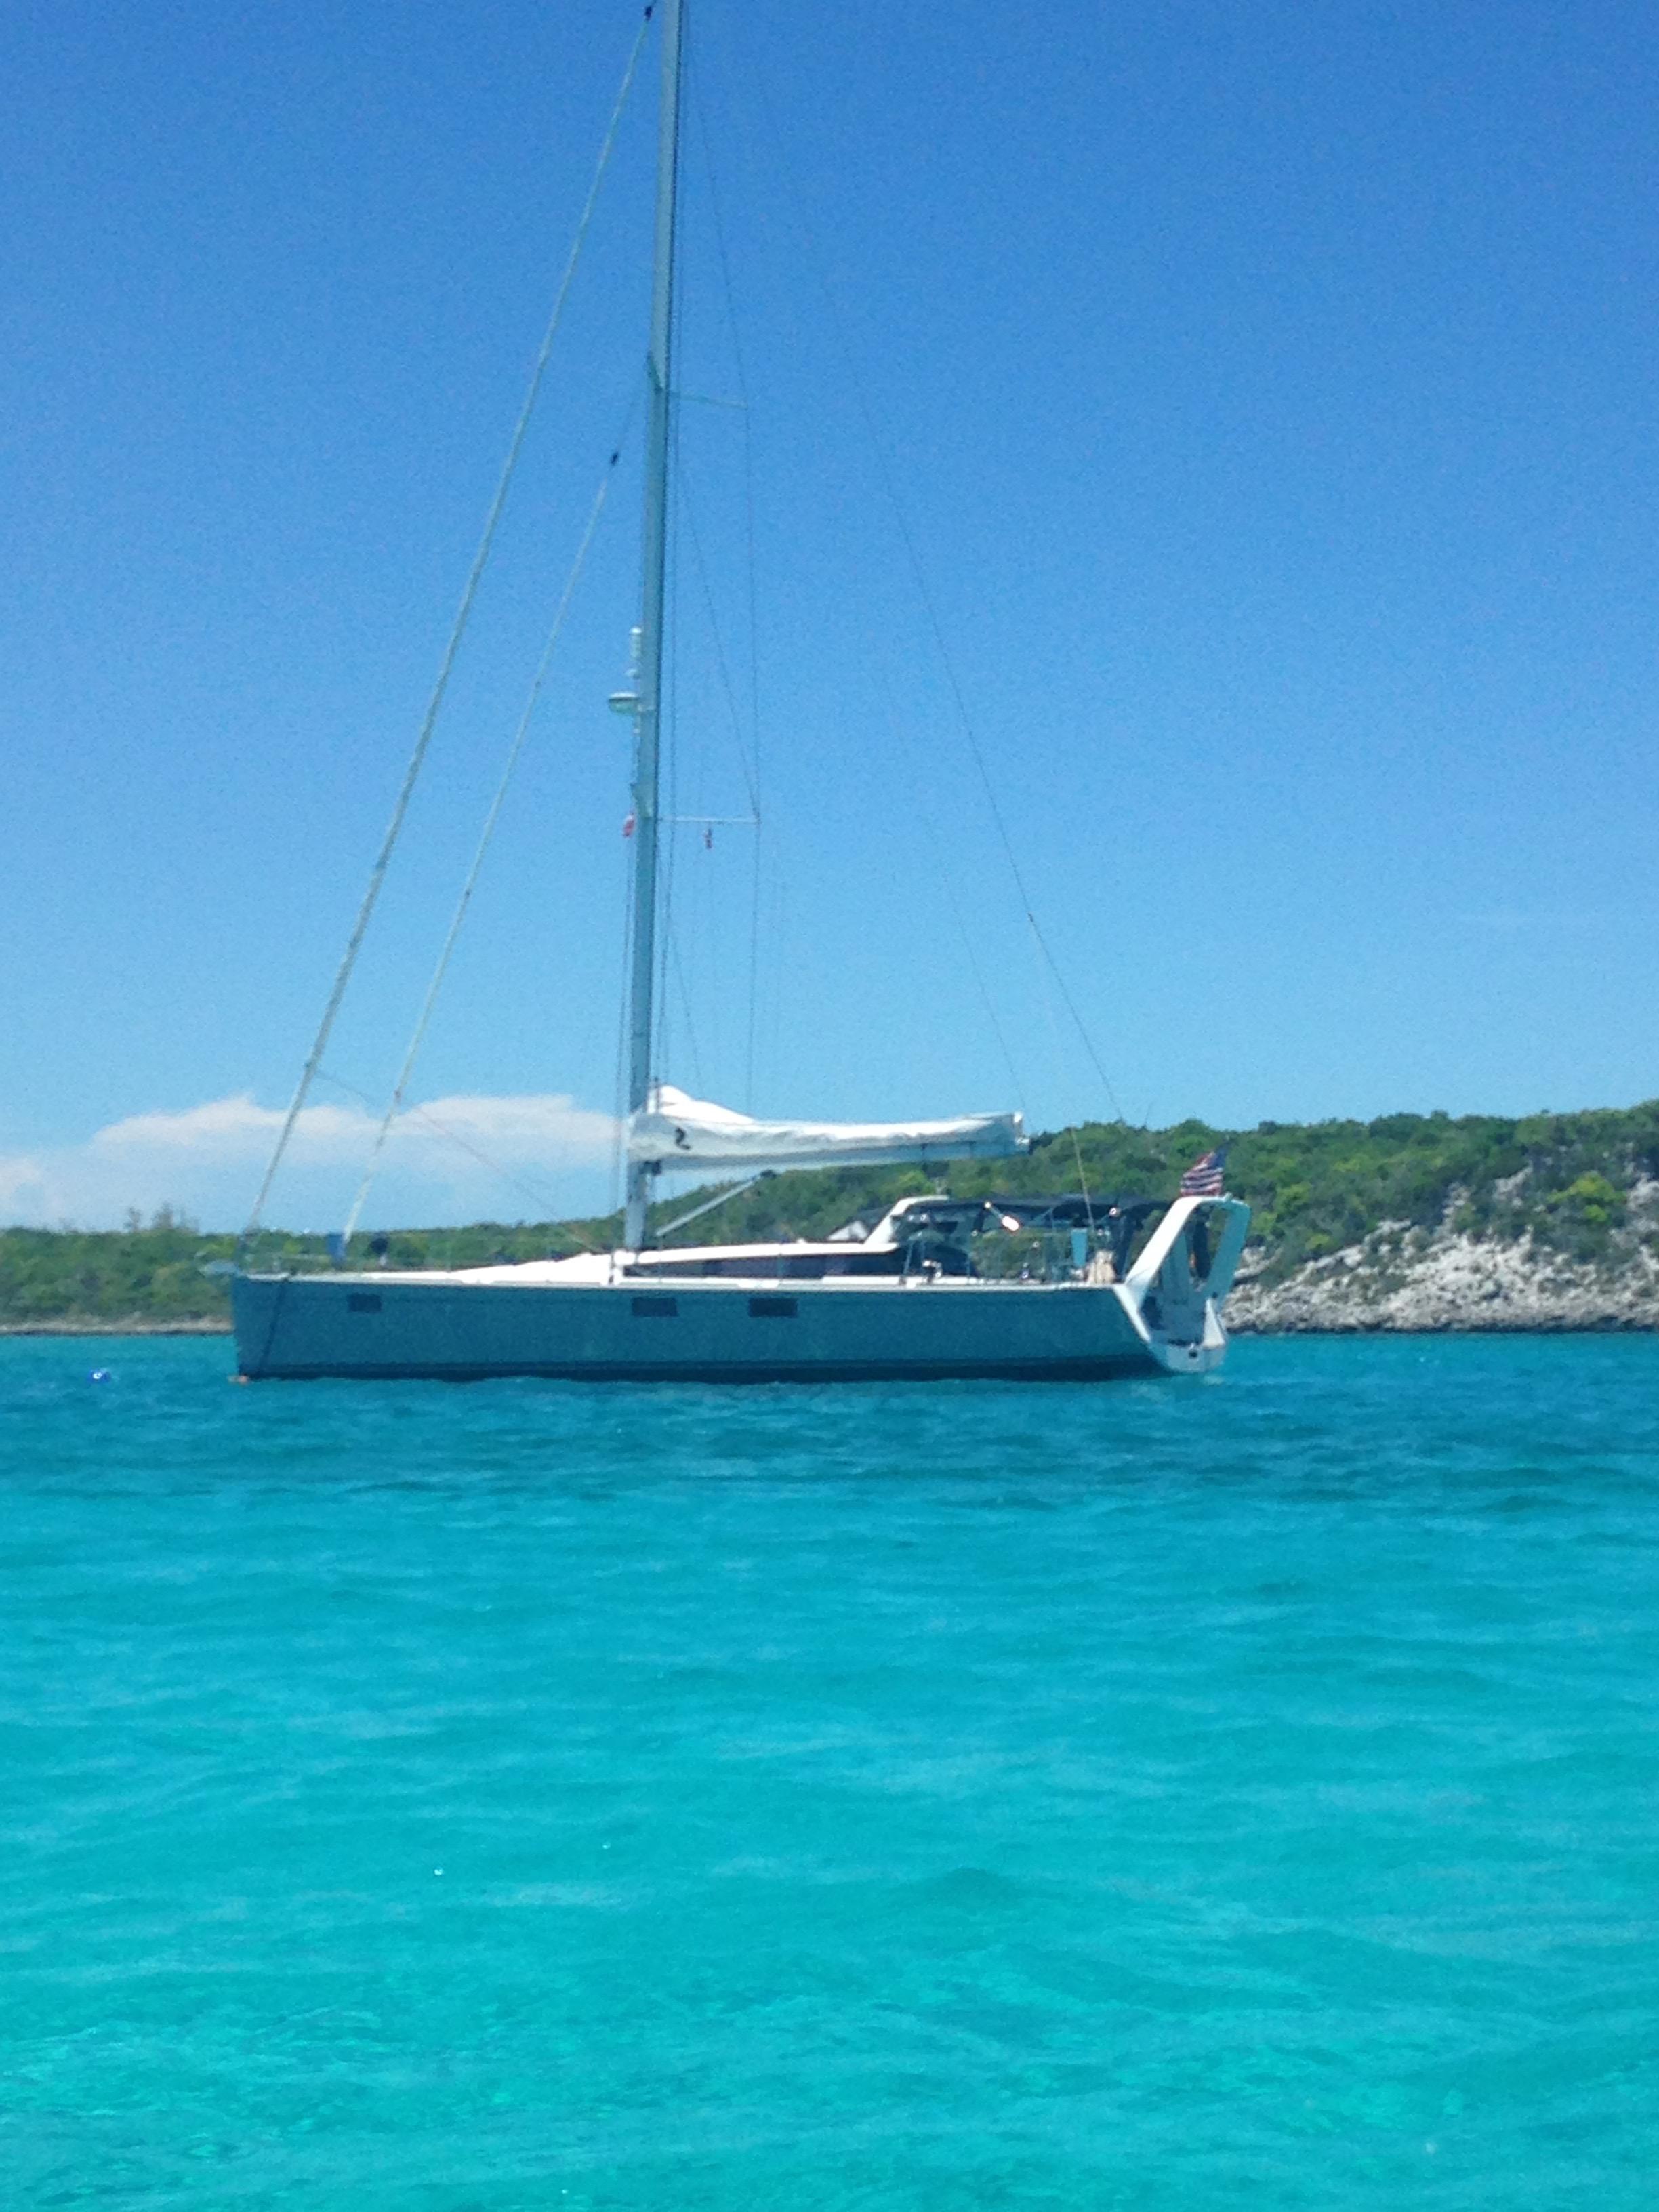 Hawksbill Cay, Exumas